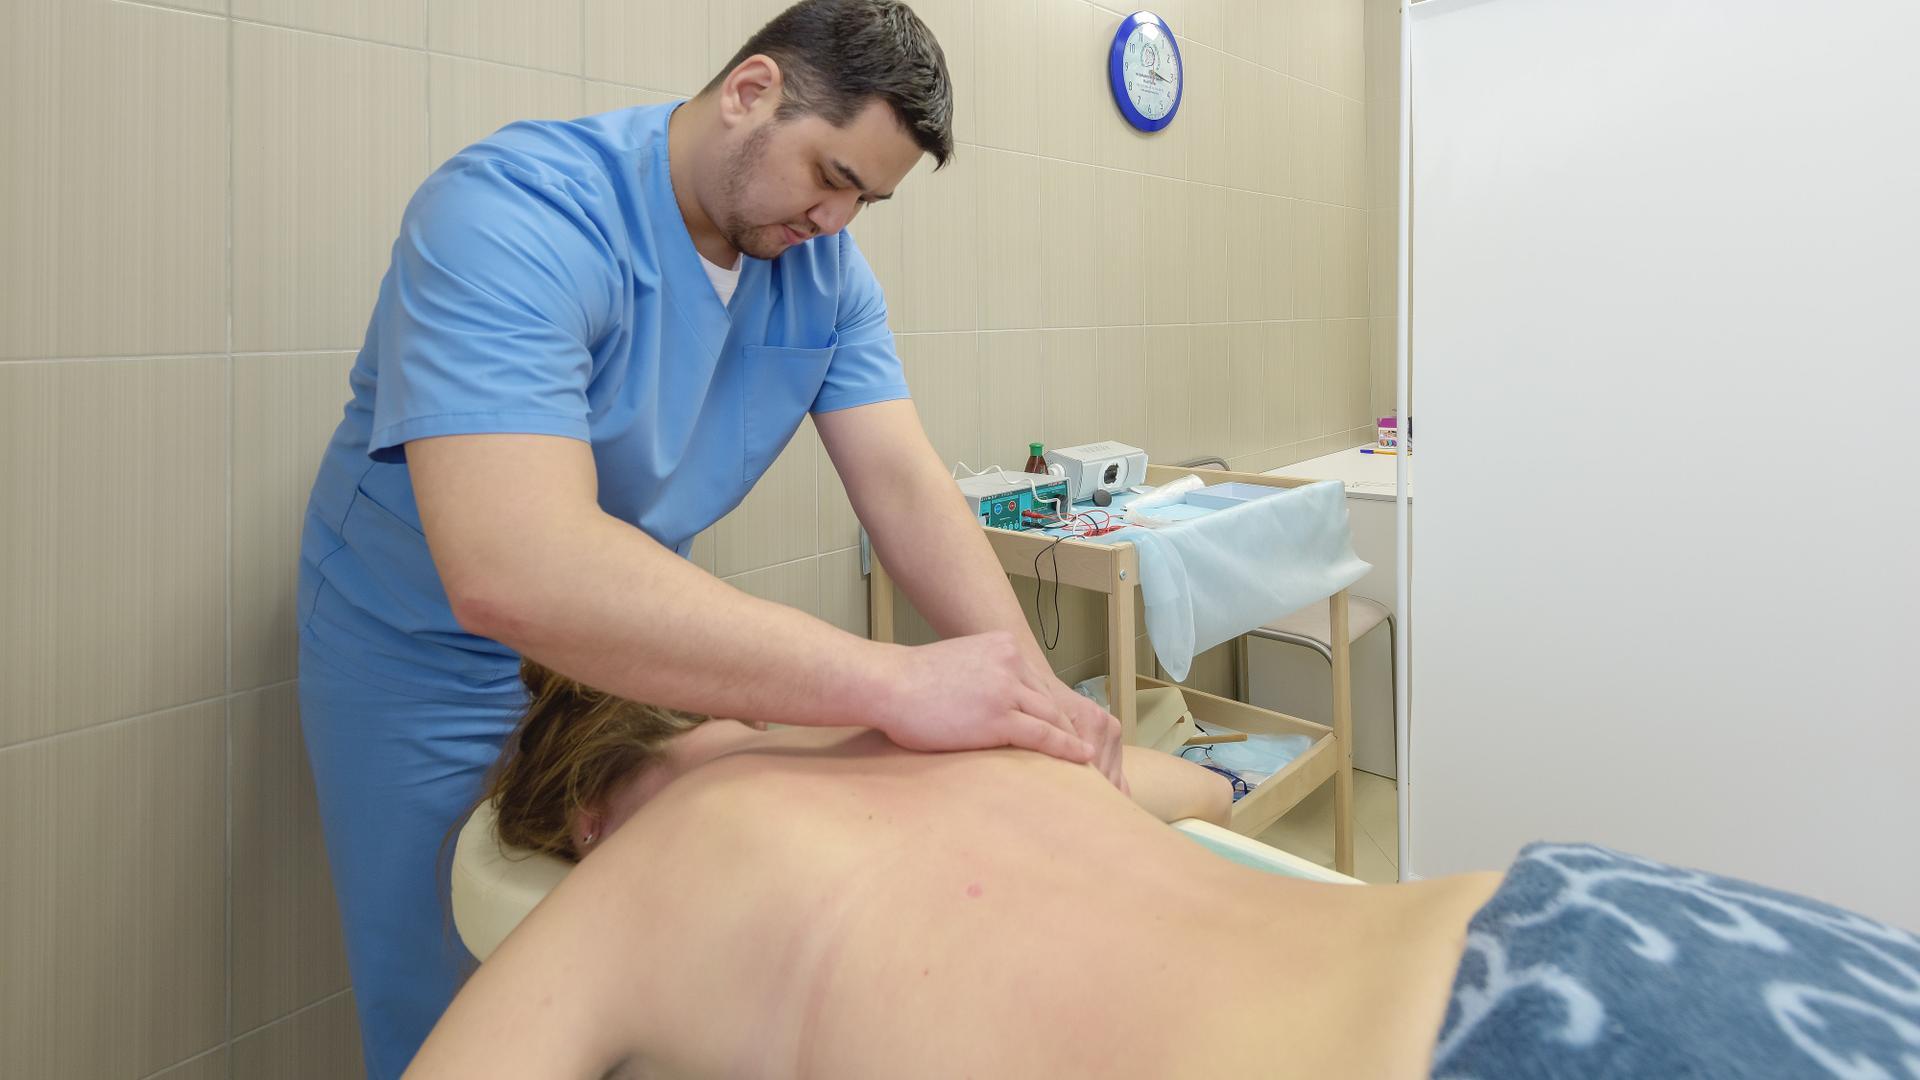 Секс гинеколог фото, Гинеколог поимел пациентку на смотровом кресле 19 фотография